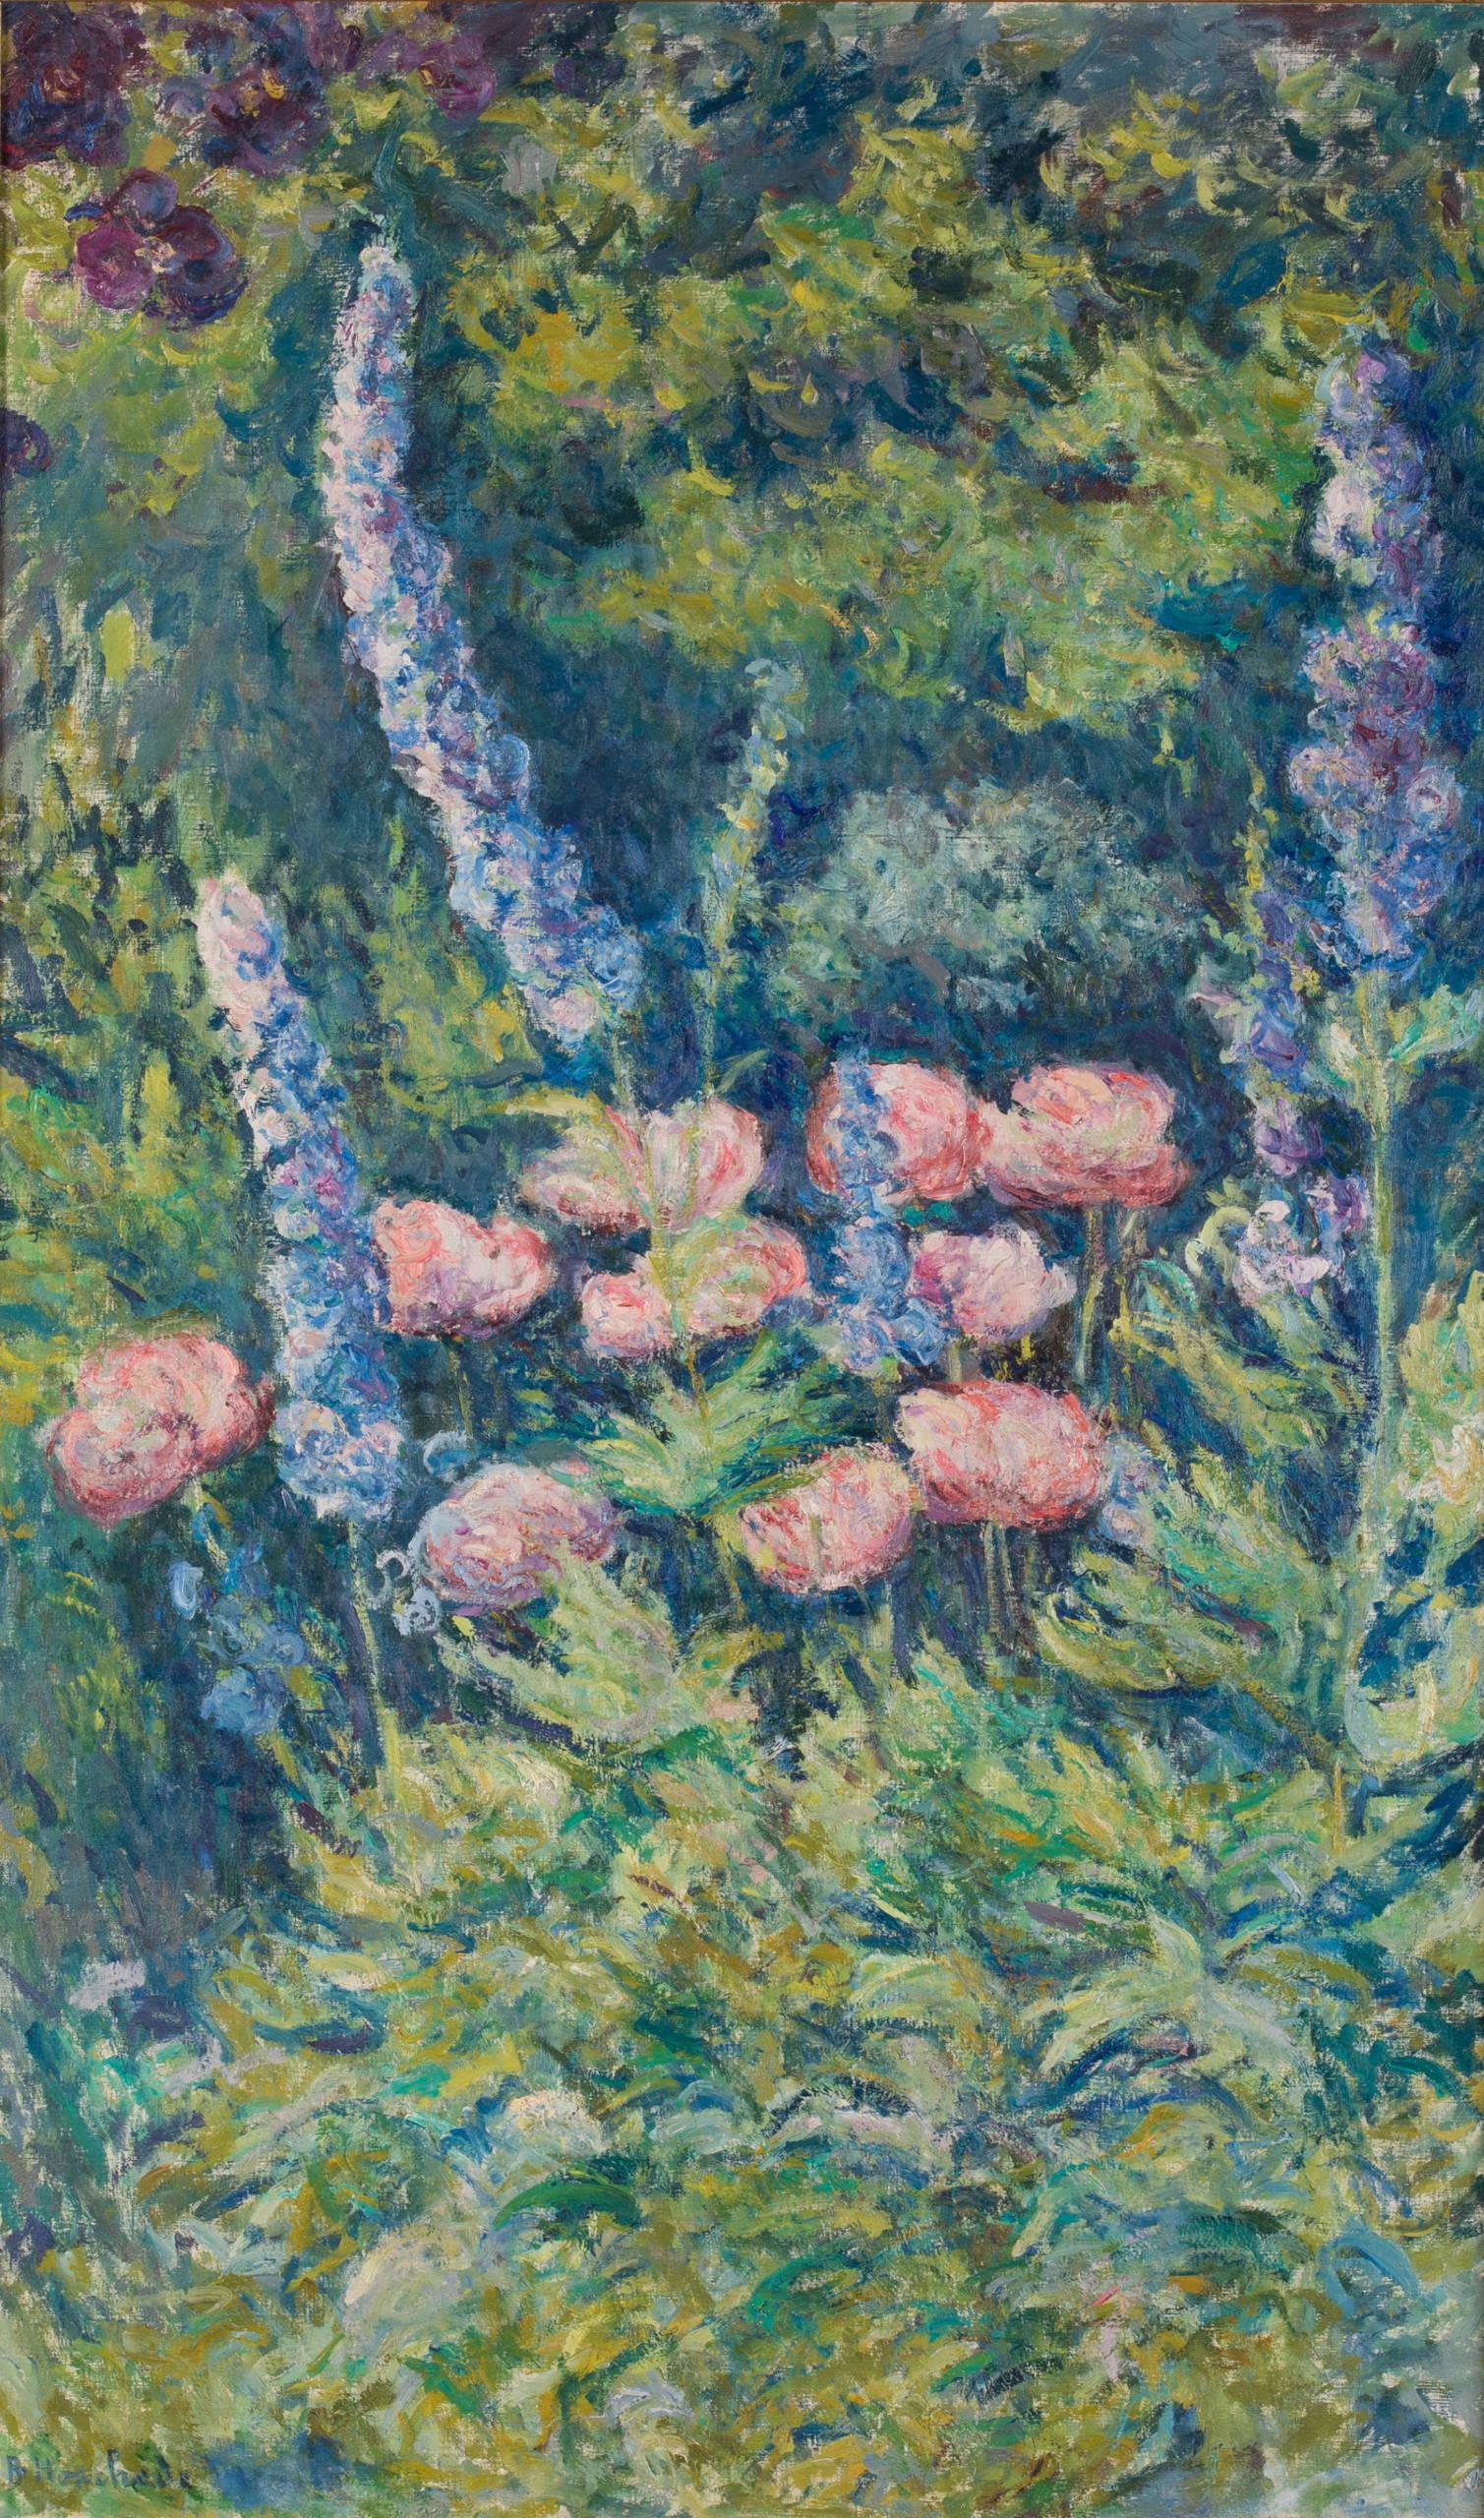 Blanche Hoschedé-Monet, Lupins et pavots